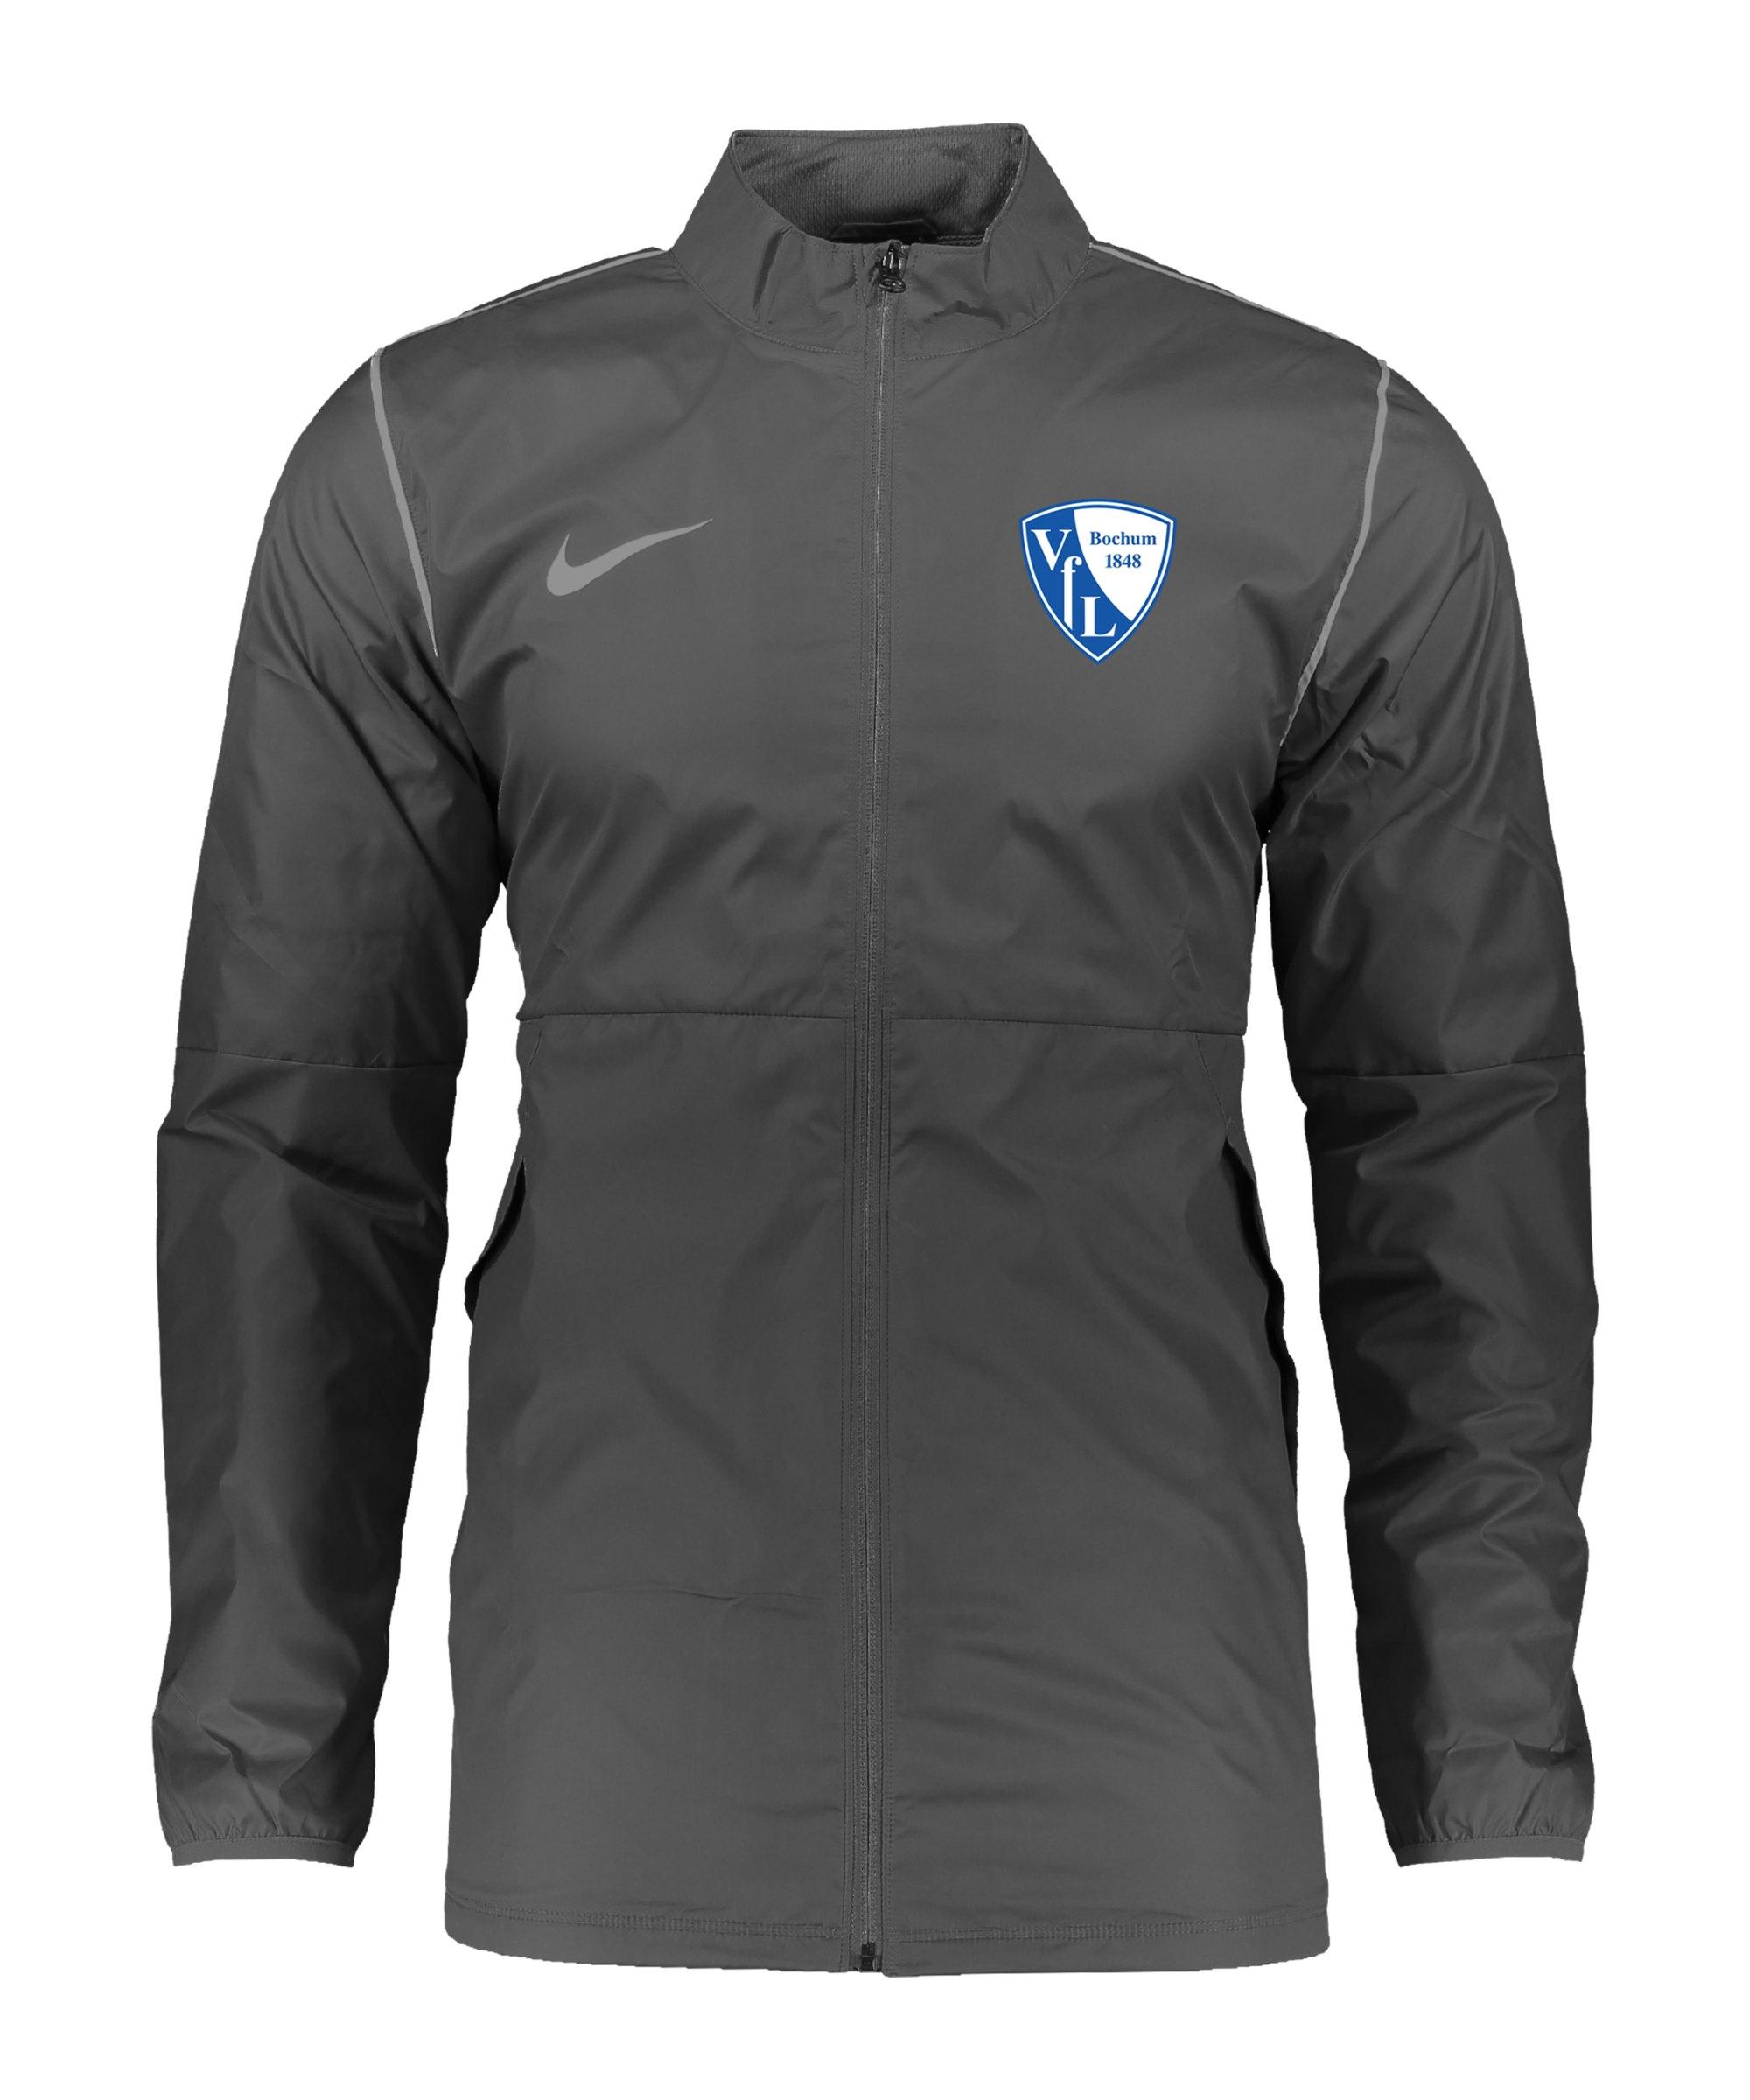 Nike VfL Bochum Regenjacke Kids Grau F060 - grau